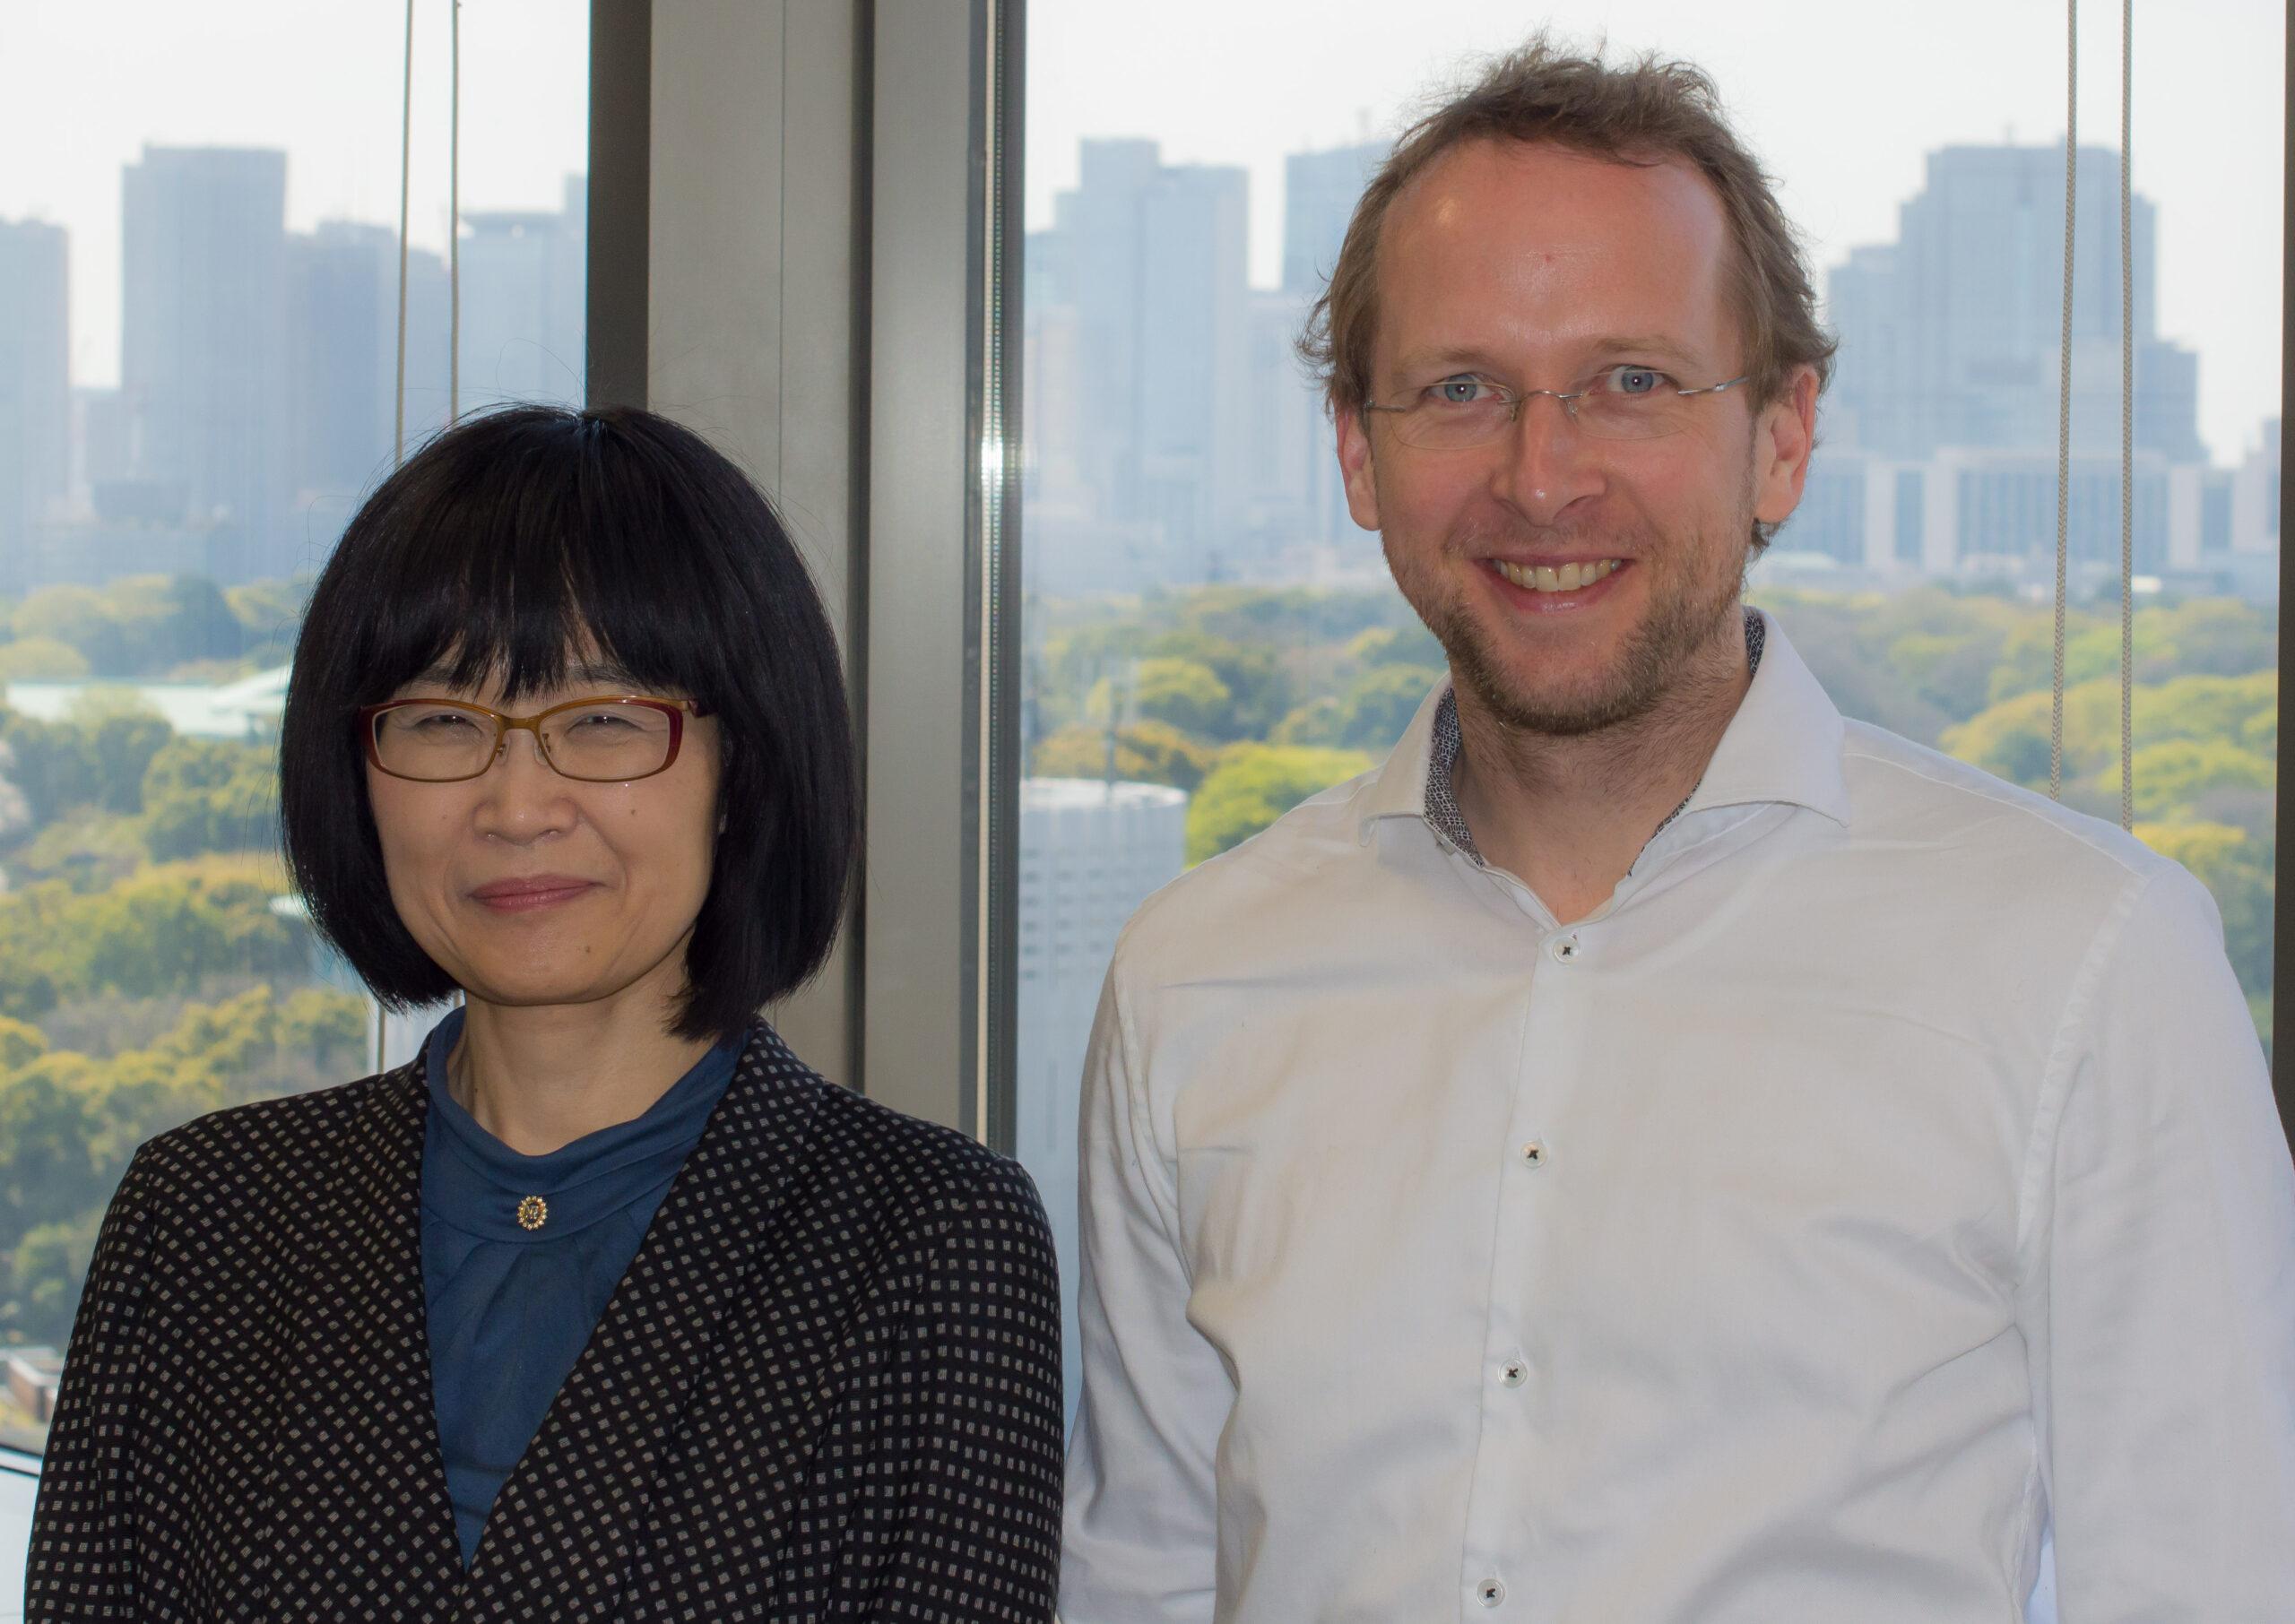 Prof. Akiko Aizawa (NII) and Prof. Joeran Beel (TCD Dublin), Recommender Systems Research